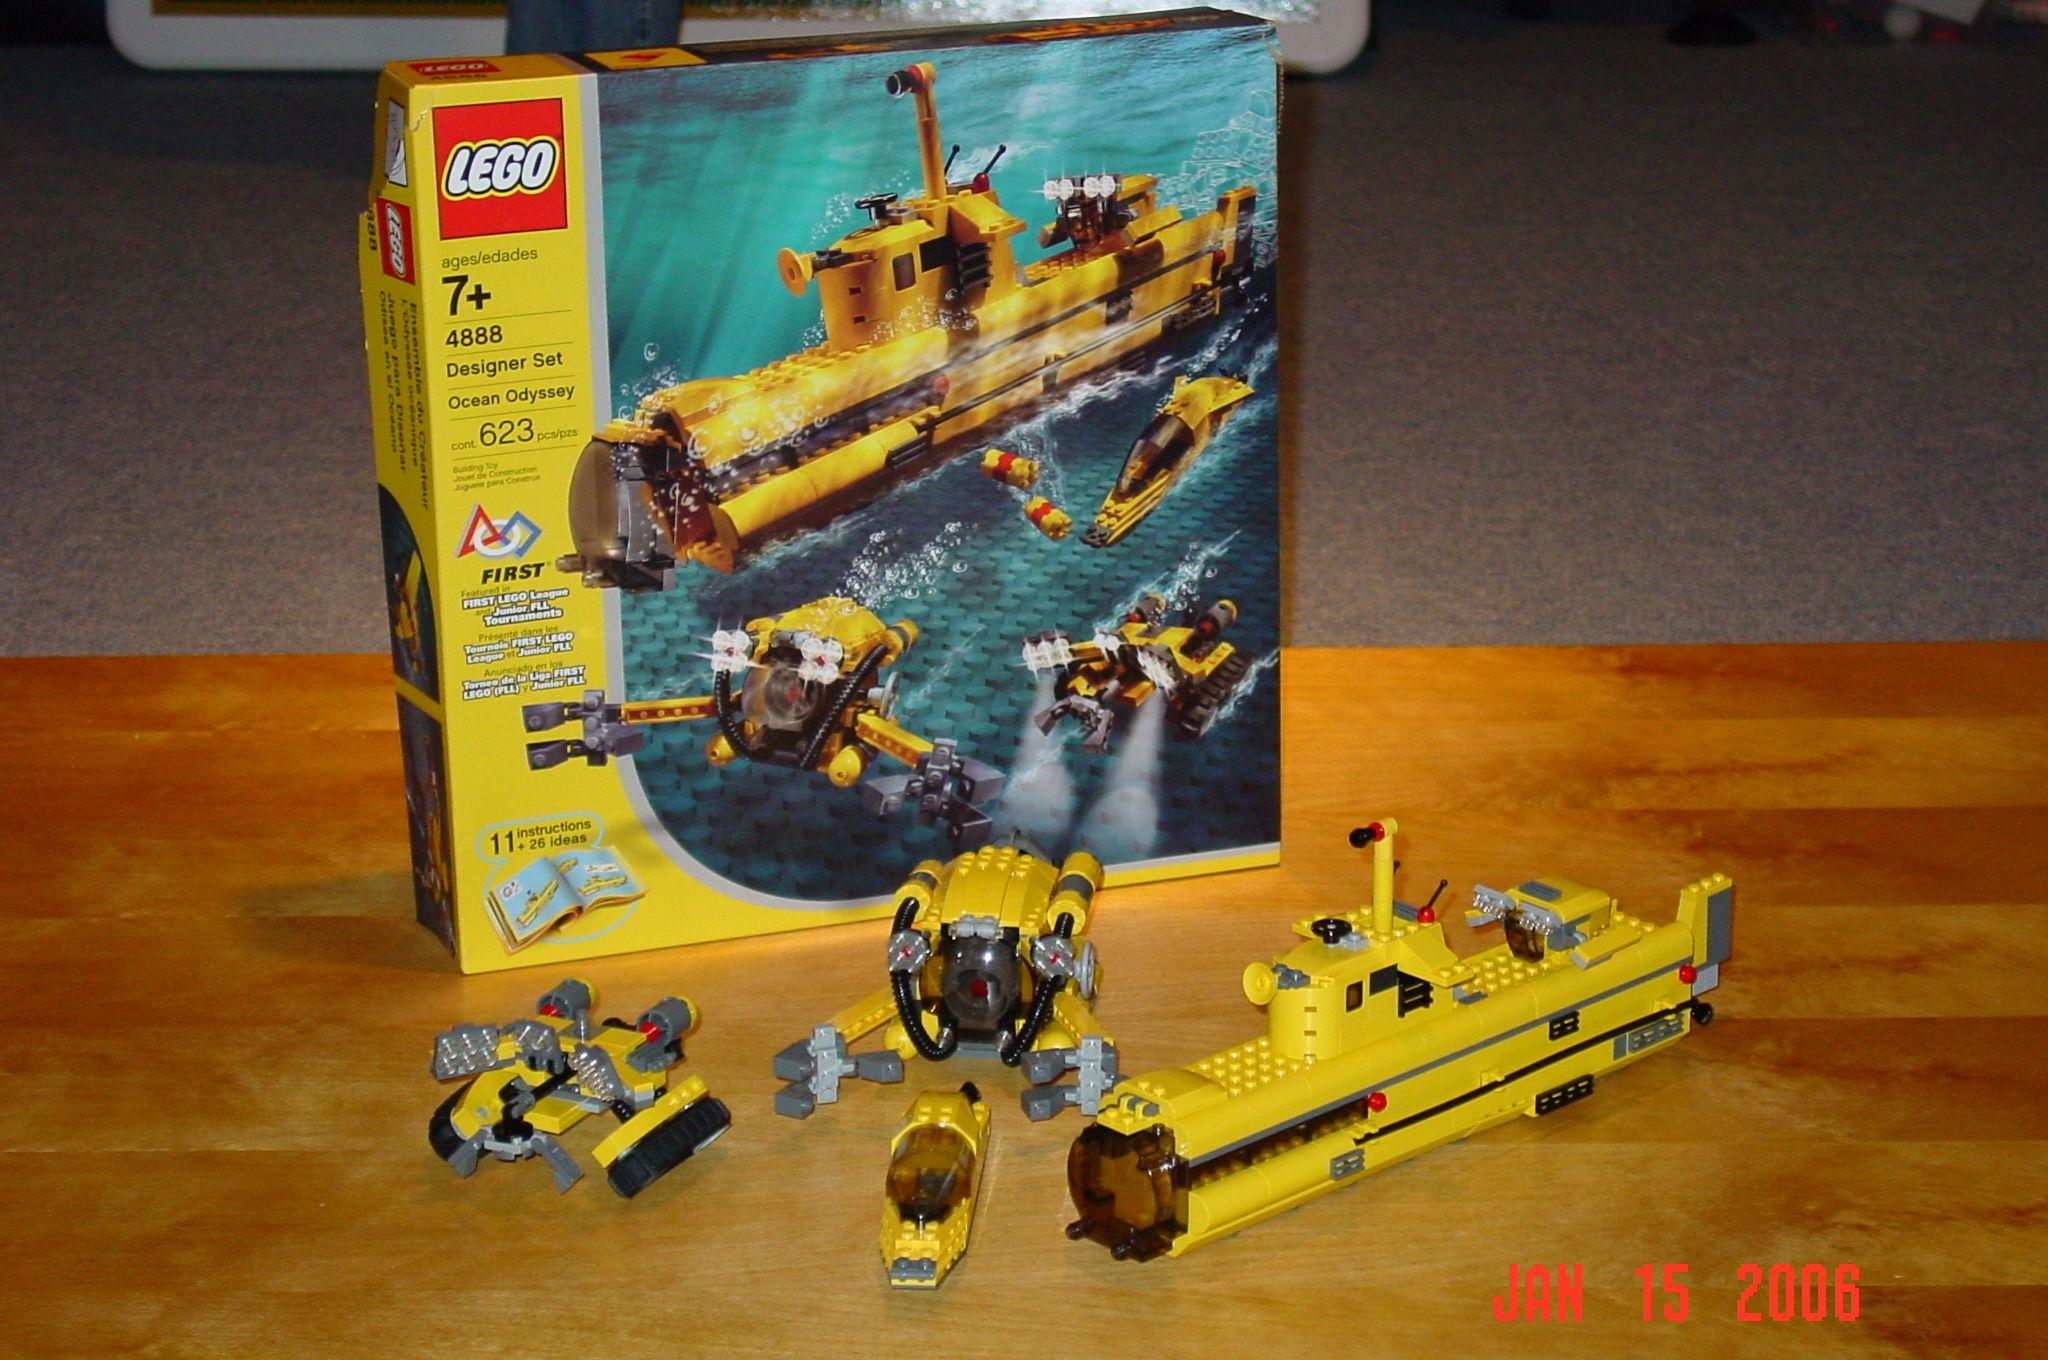 Lego 4888 Ocean Odessey Lego Lego Toys Nerf